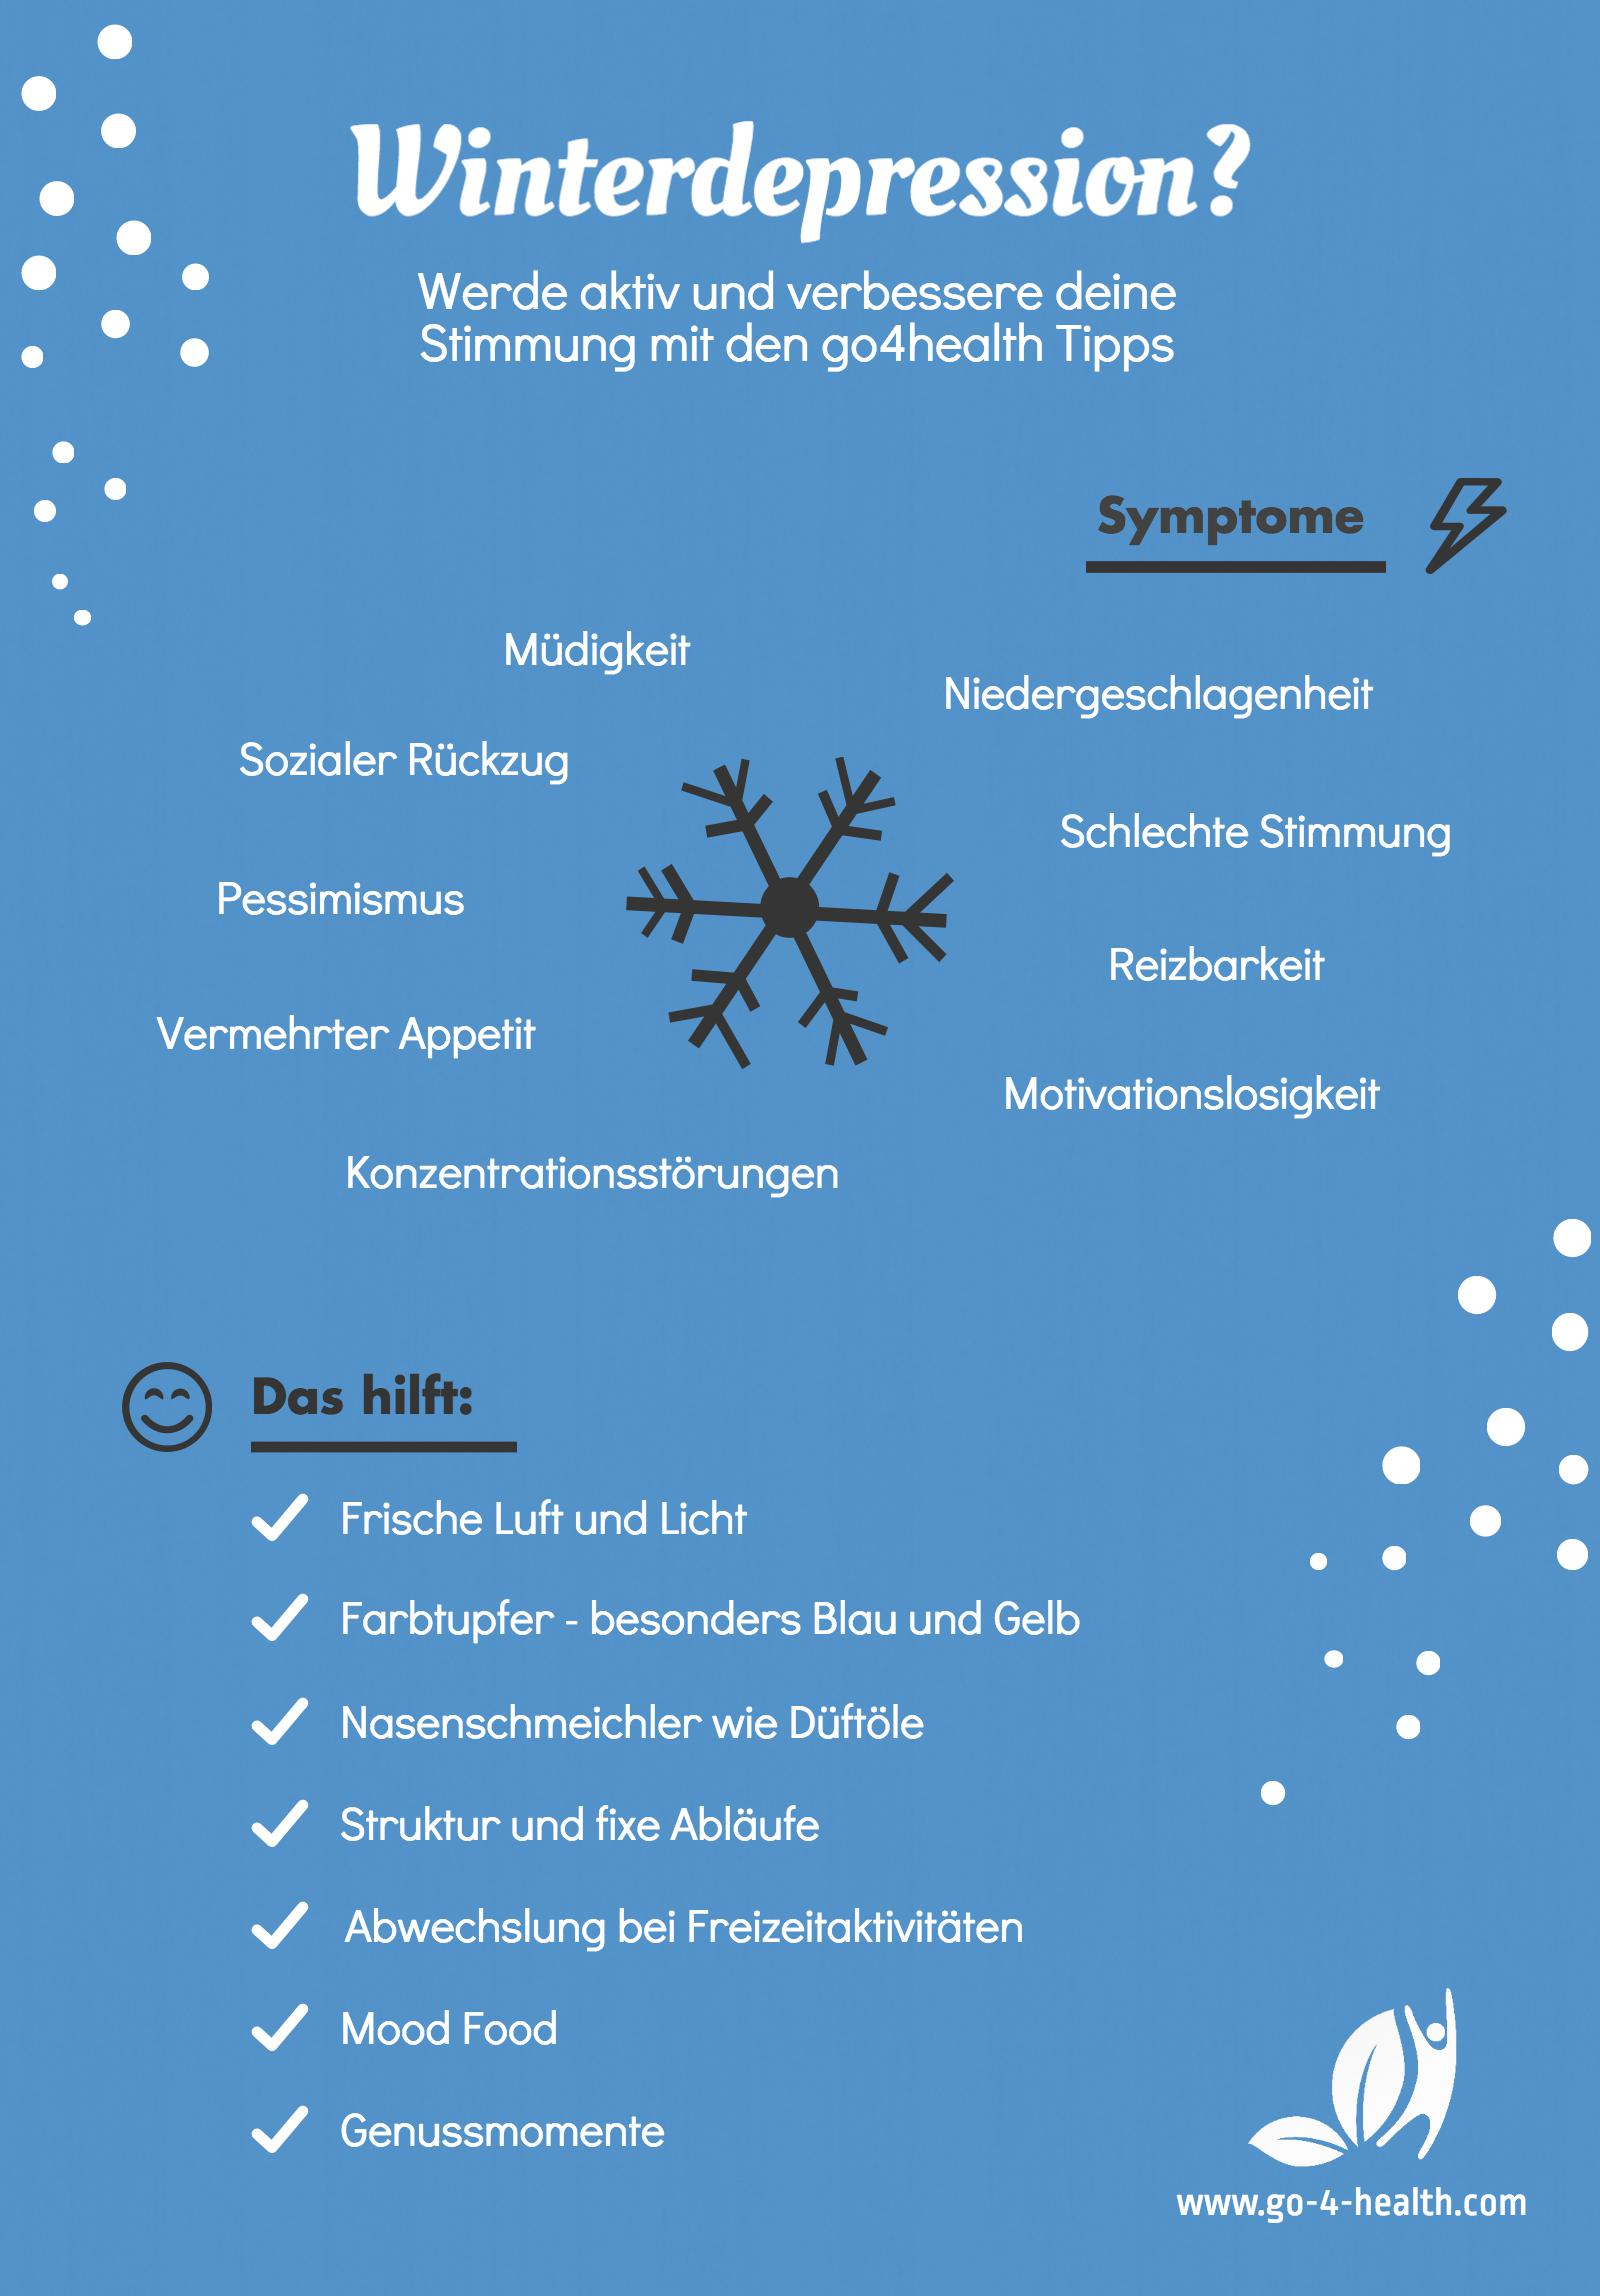 Im Winter kann es zu einer Depression kommen - was tun?